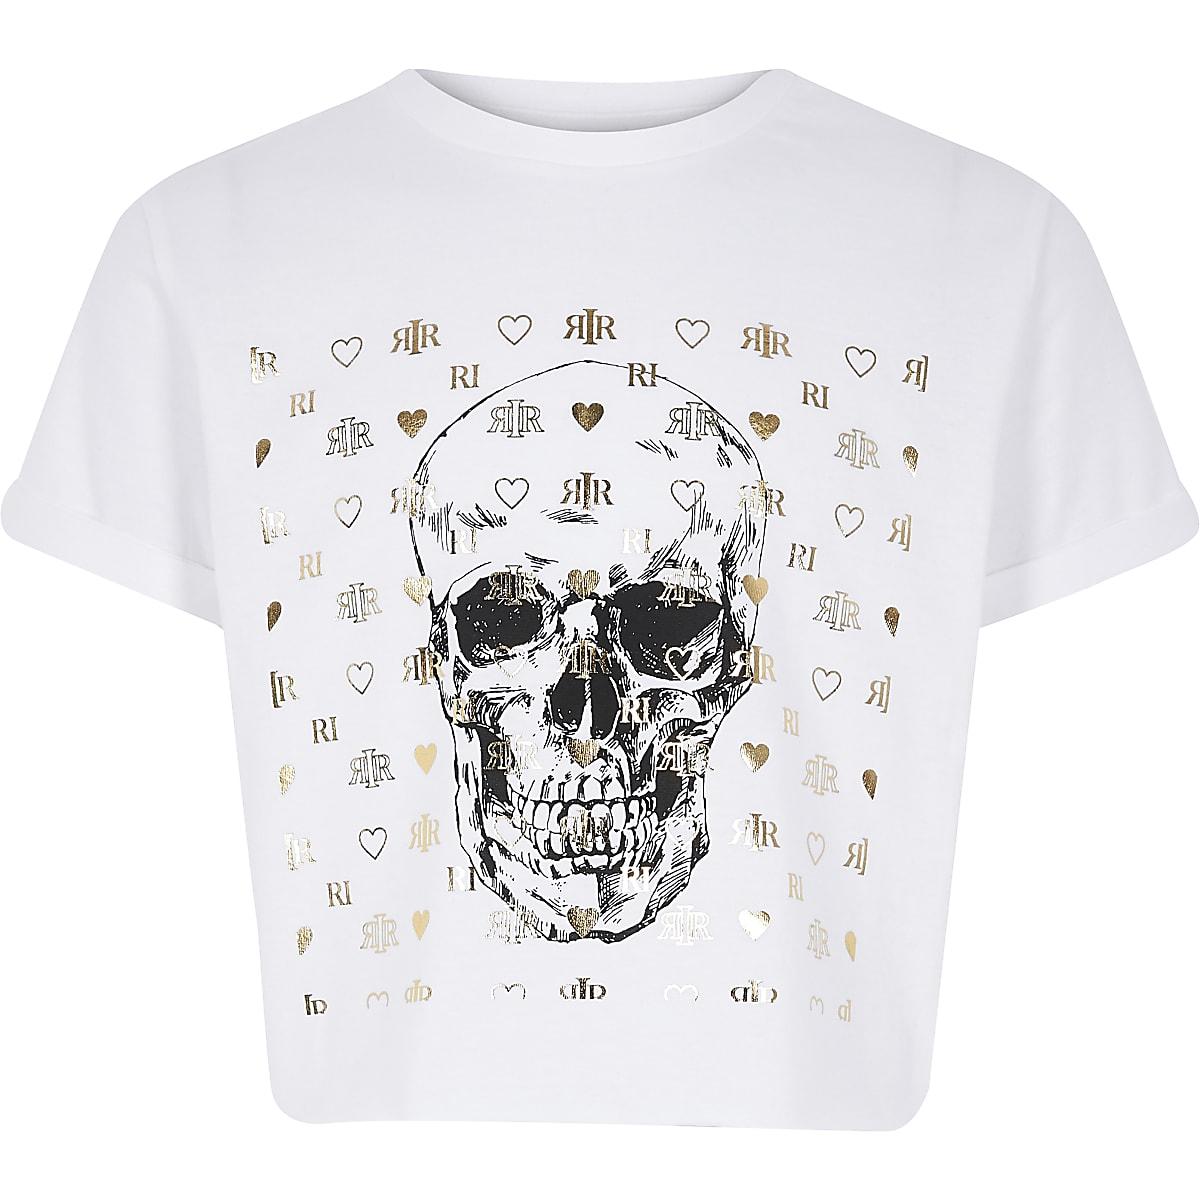 Wit T-shirt met doodshoofdprint voor meisjes